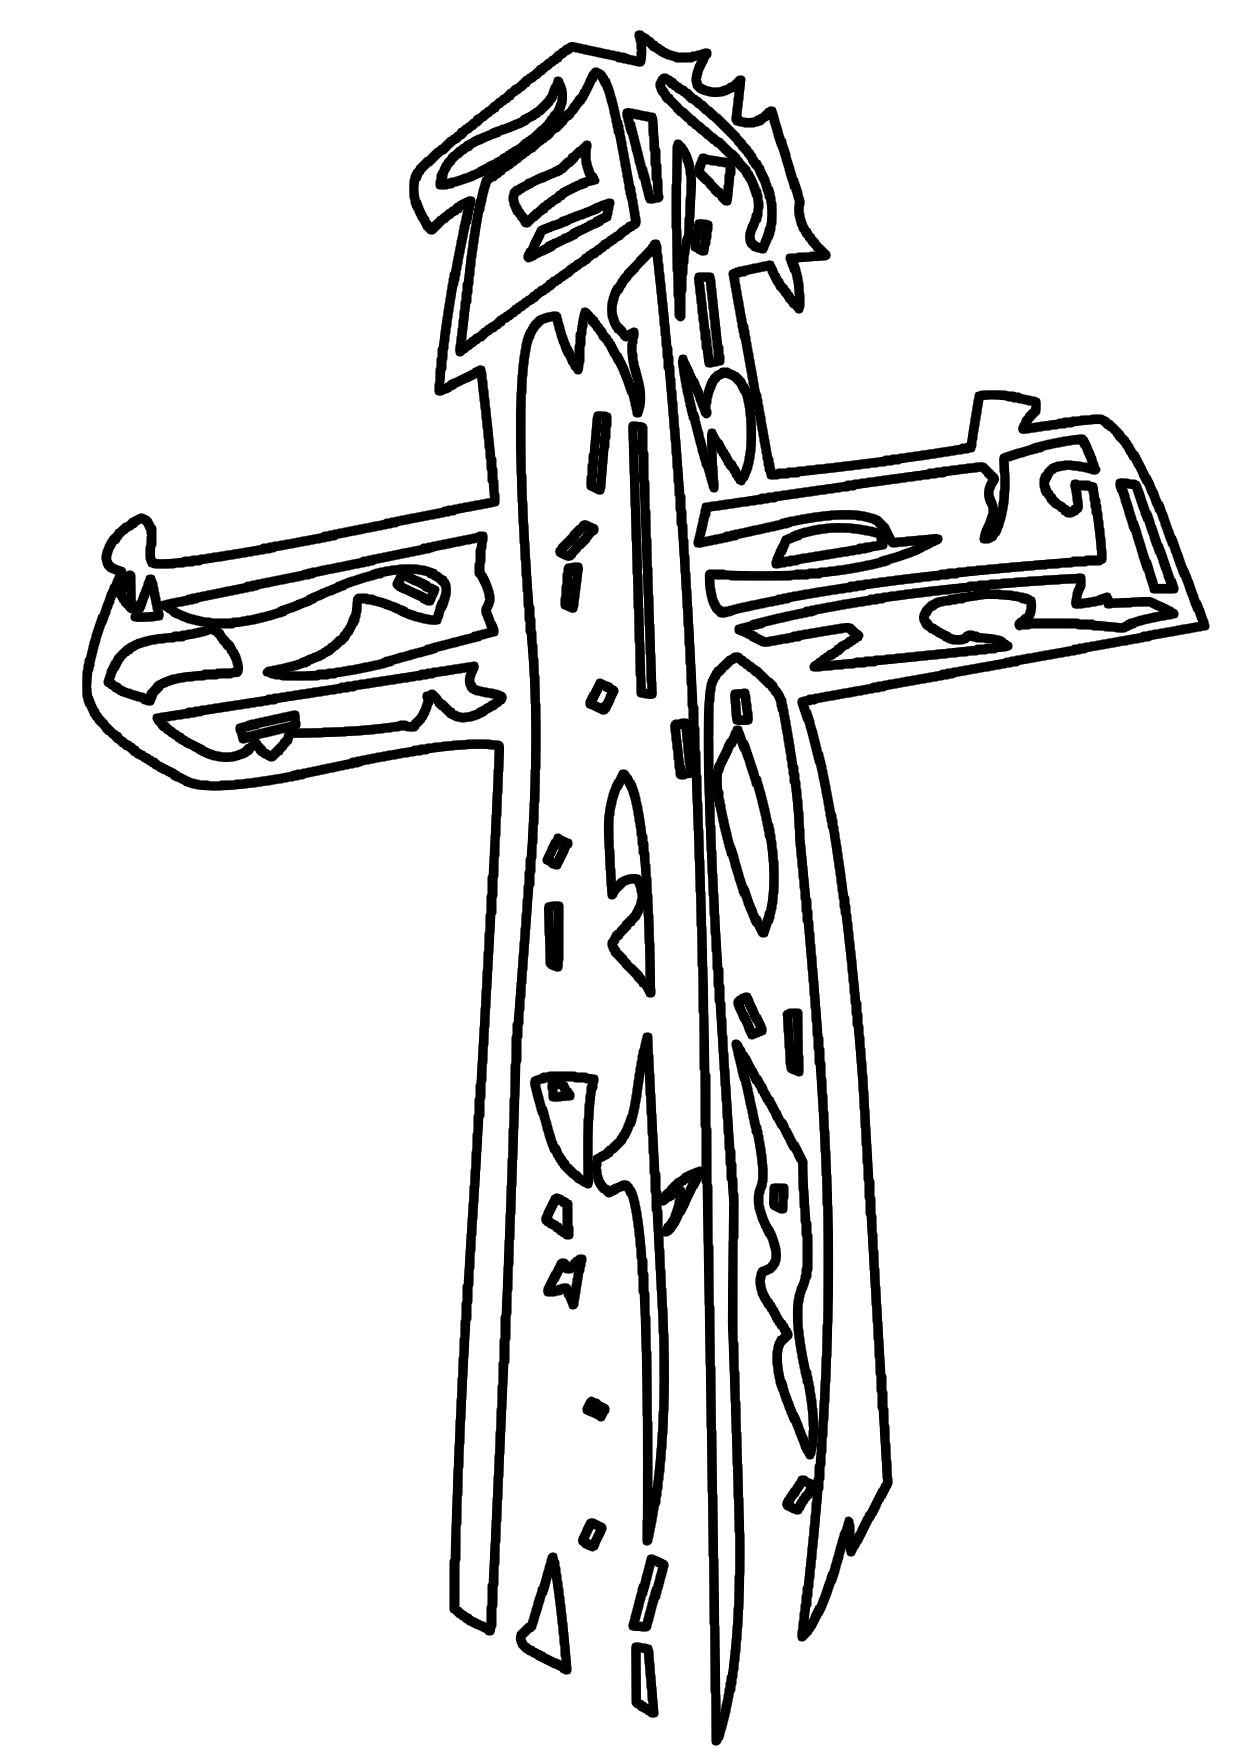 Una cruz latina detallada para colorear